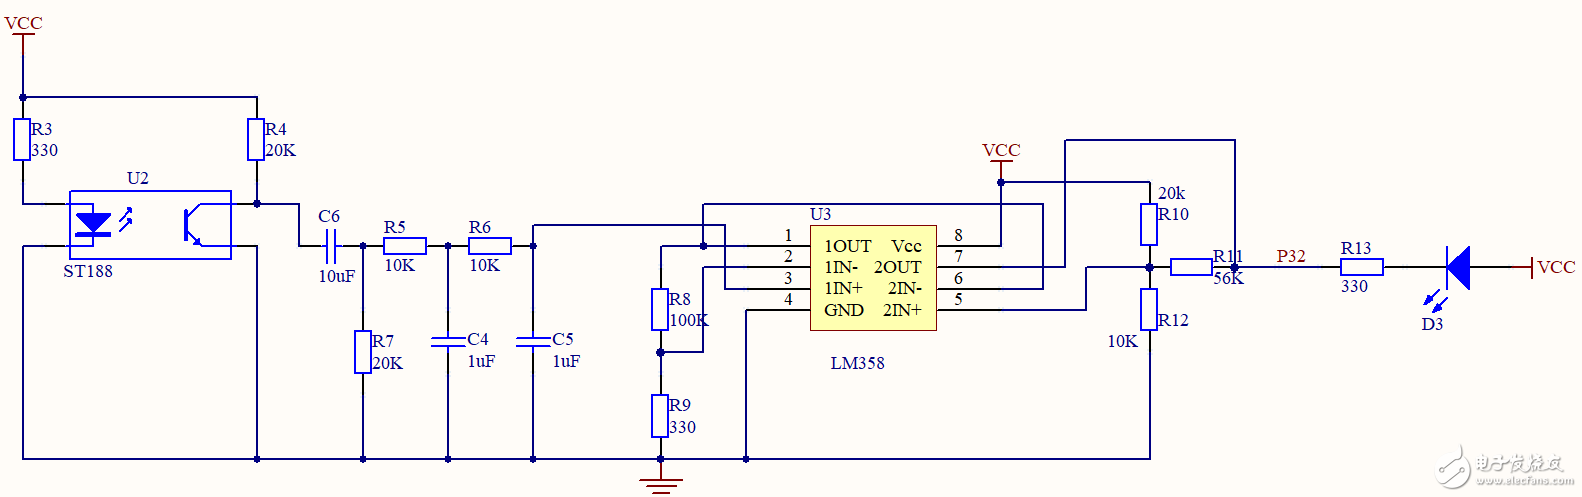 这是一个用ST188反射式光电传感器检测脉搏的电路,请问哪几个器件组成了什么电路,有什么作用?